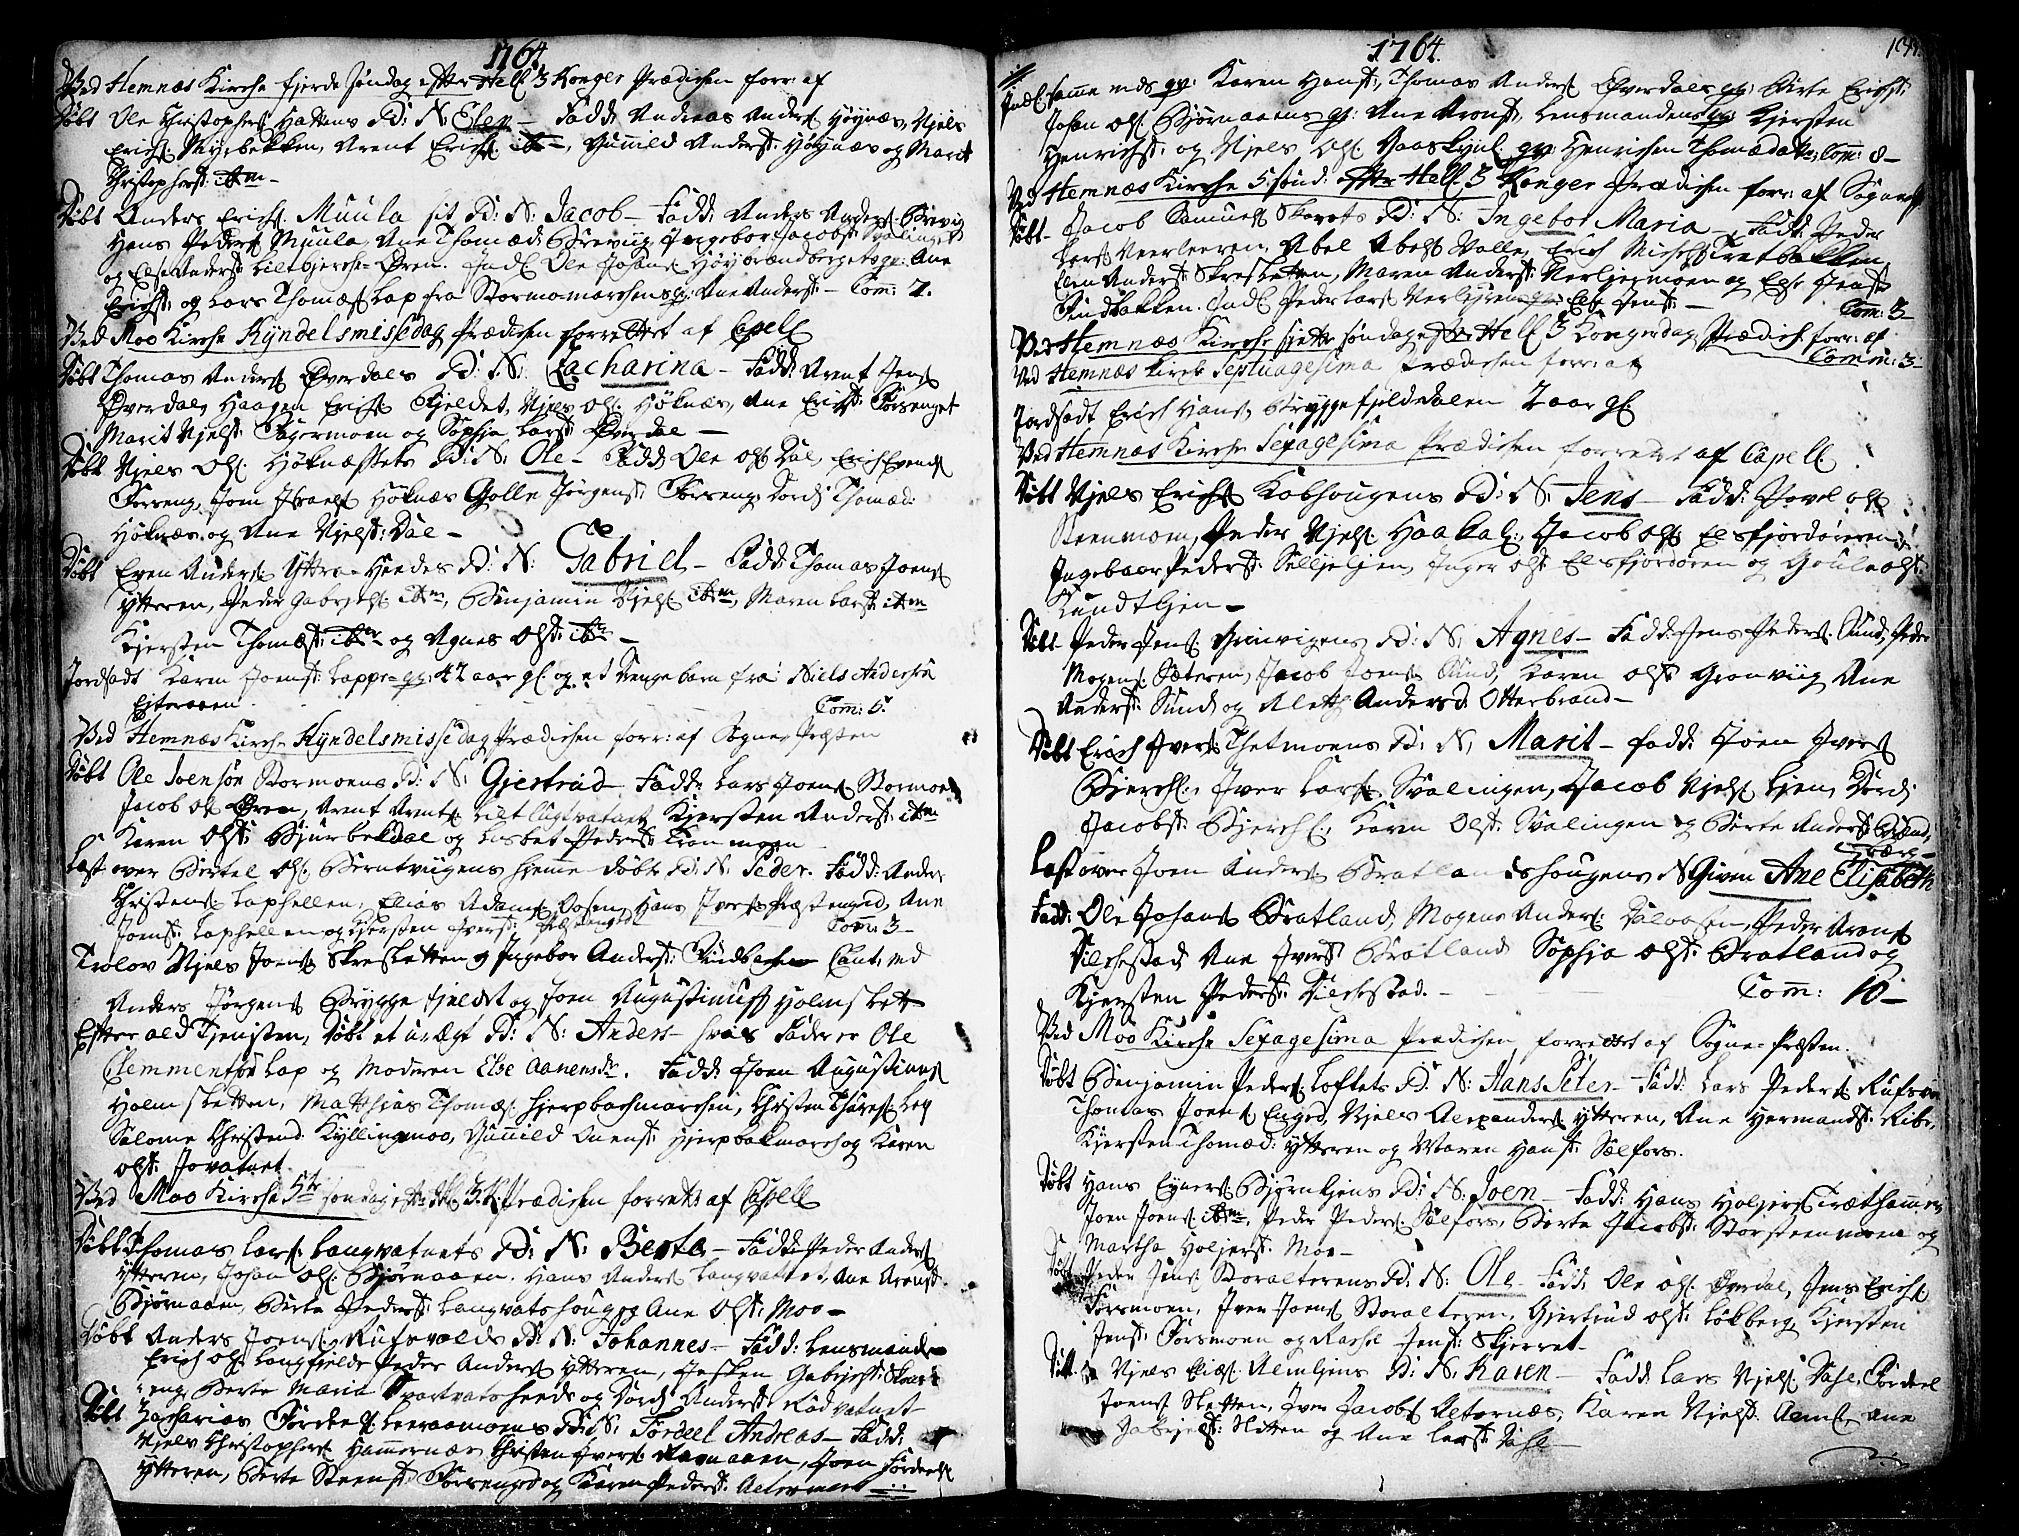 SAT, Ministerialprotokoller, klokkerbøker og fødselsregistre - Nordland, 825/L0348: Parish register (official) no. 825A04, 1752-1788, p. 133